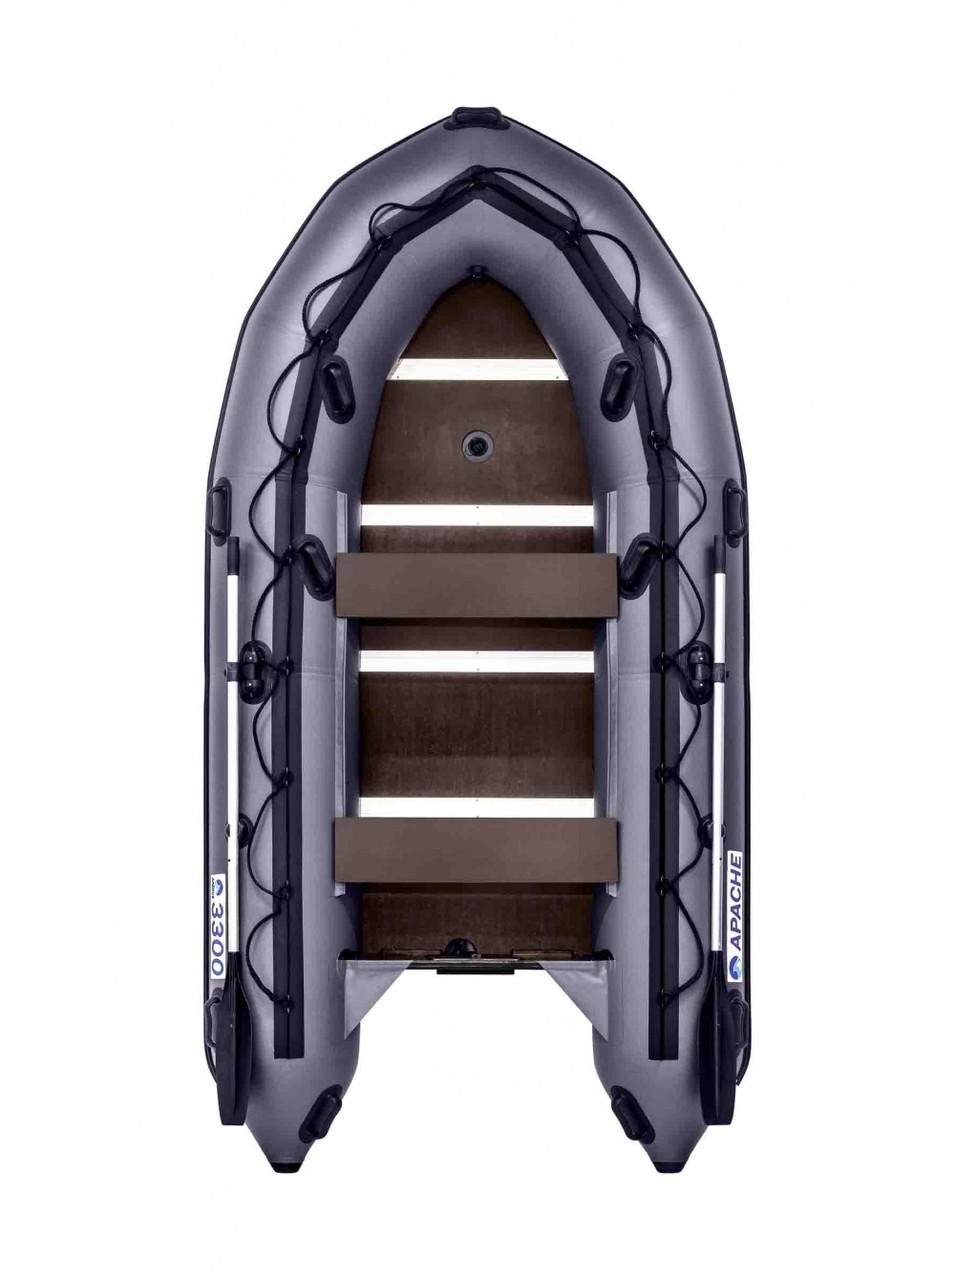 Лодка надувная моторно-гребная килевая Apache 3300 СК, Грузоподъемность: 550кг, Вместимость: 3 чел., Кол-во от